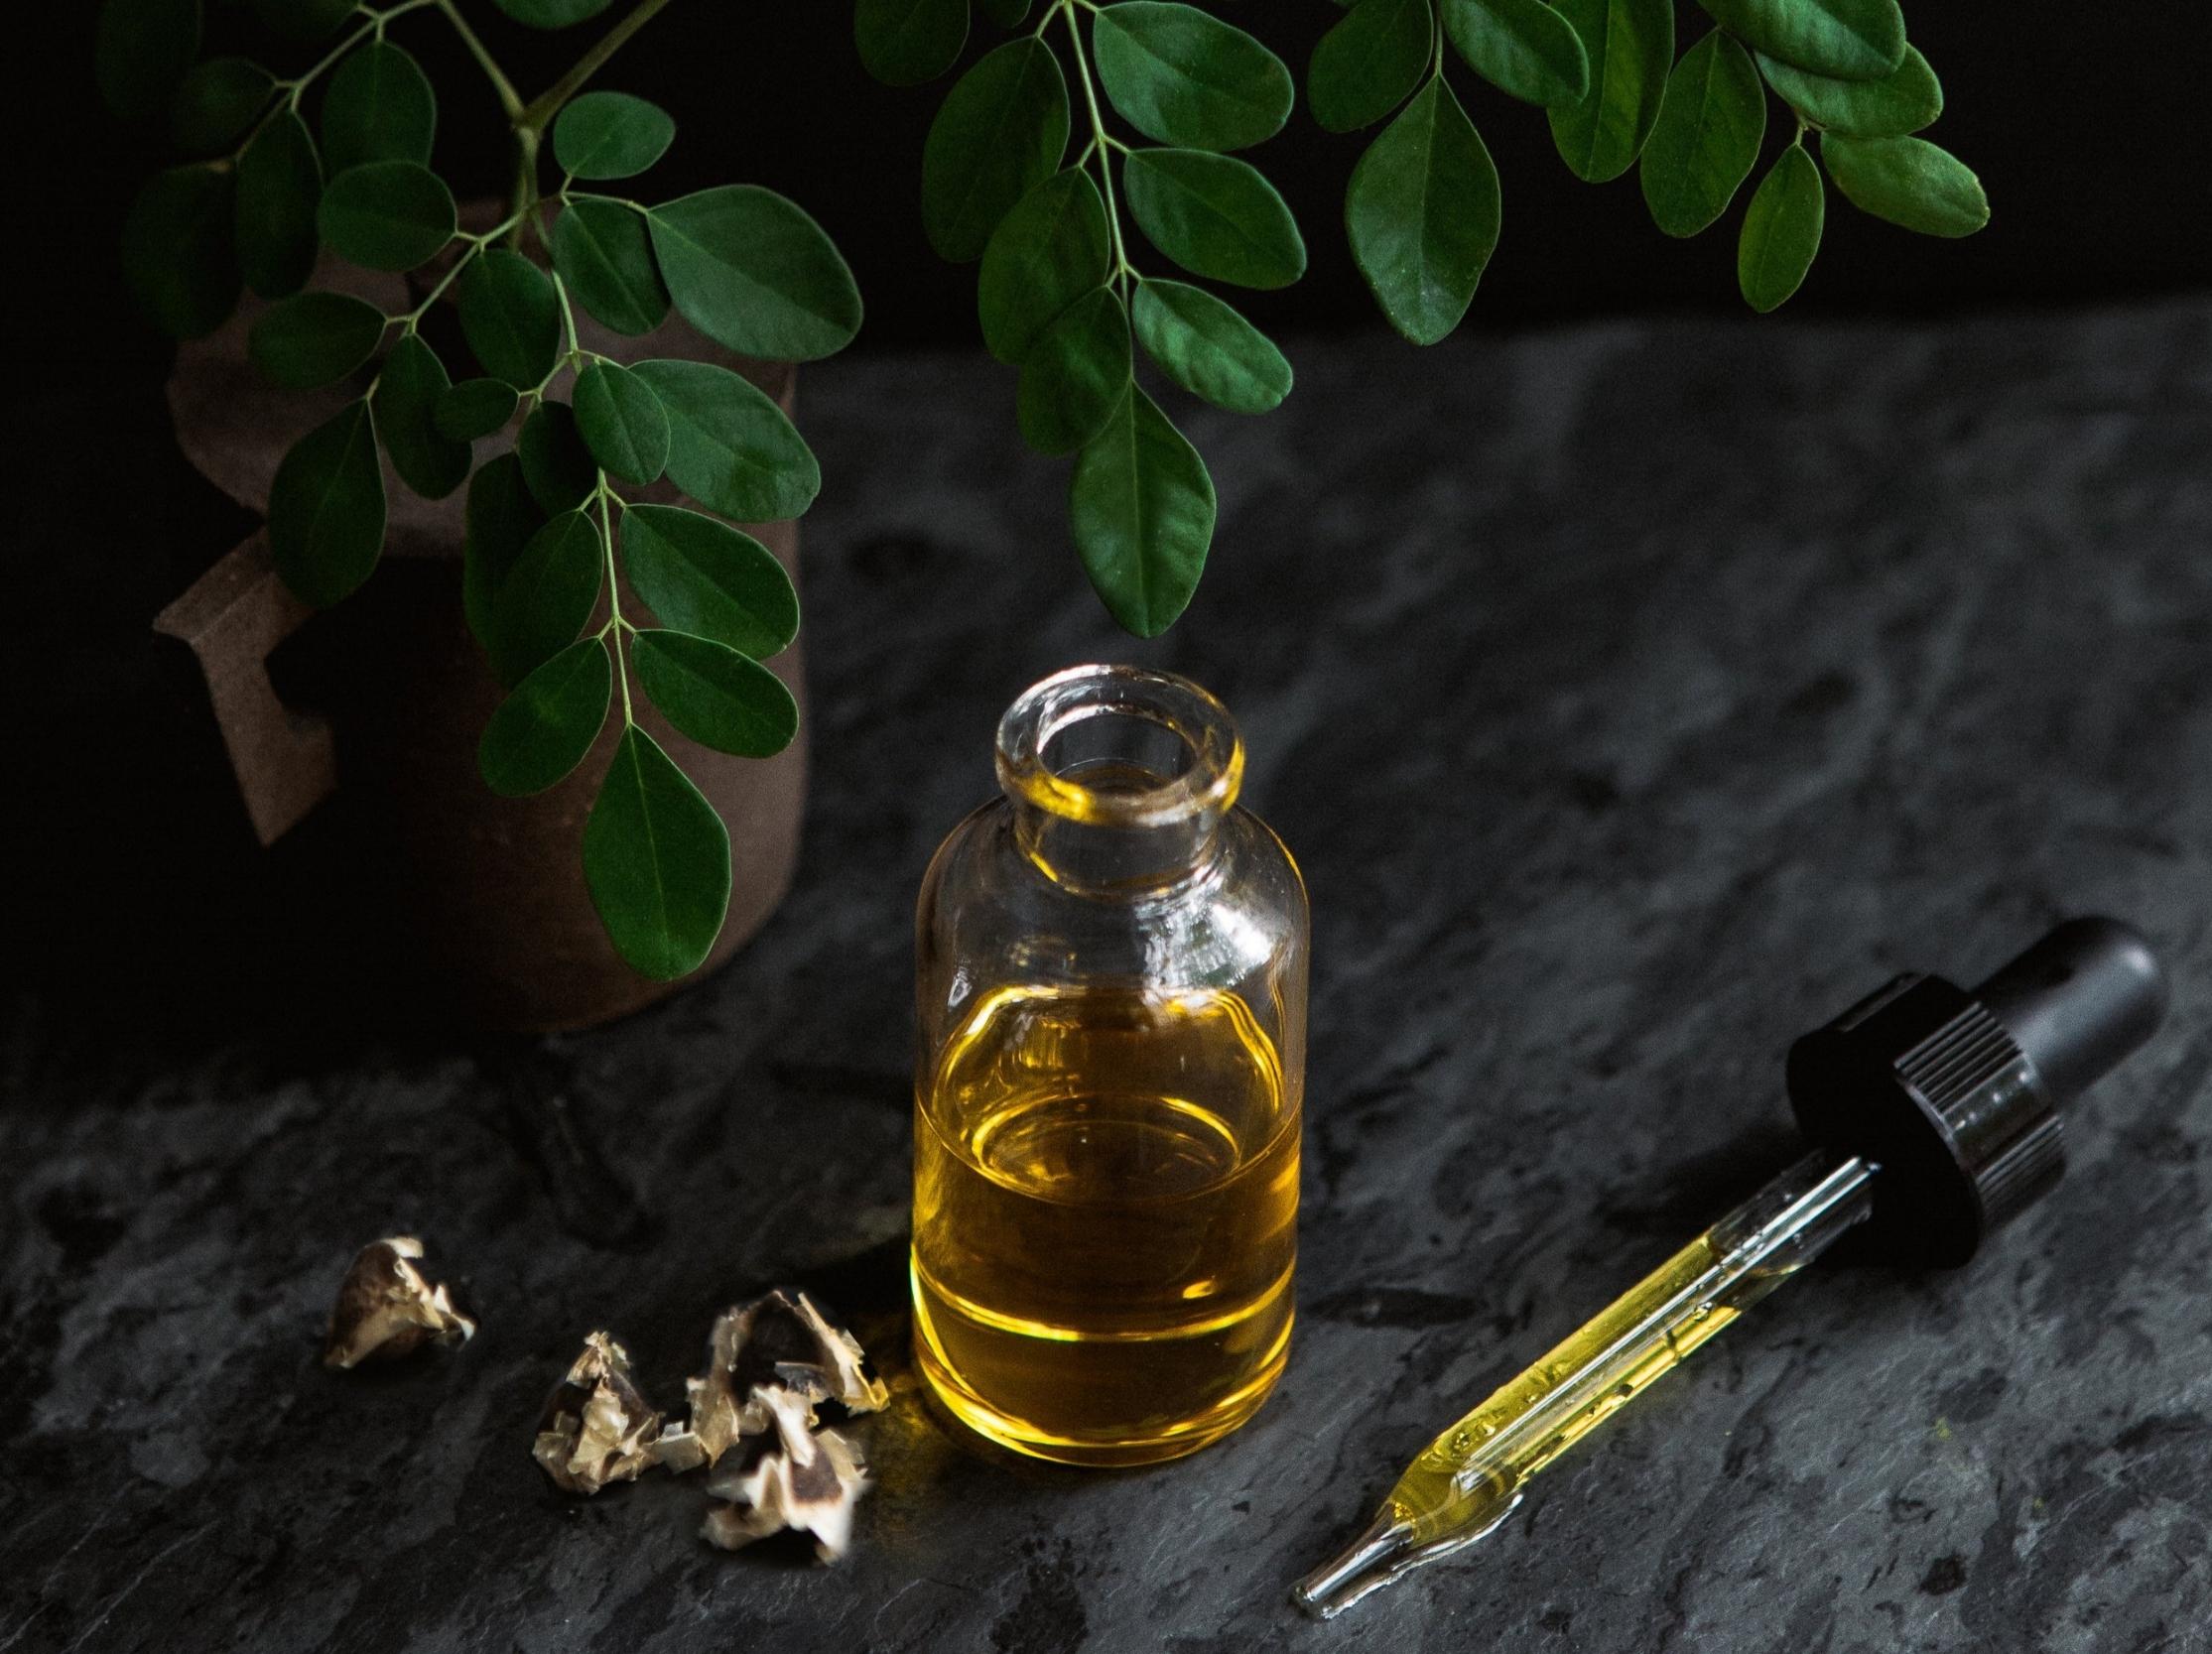 nutu moringa oil tree with moringa seeds and leaves